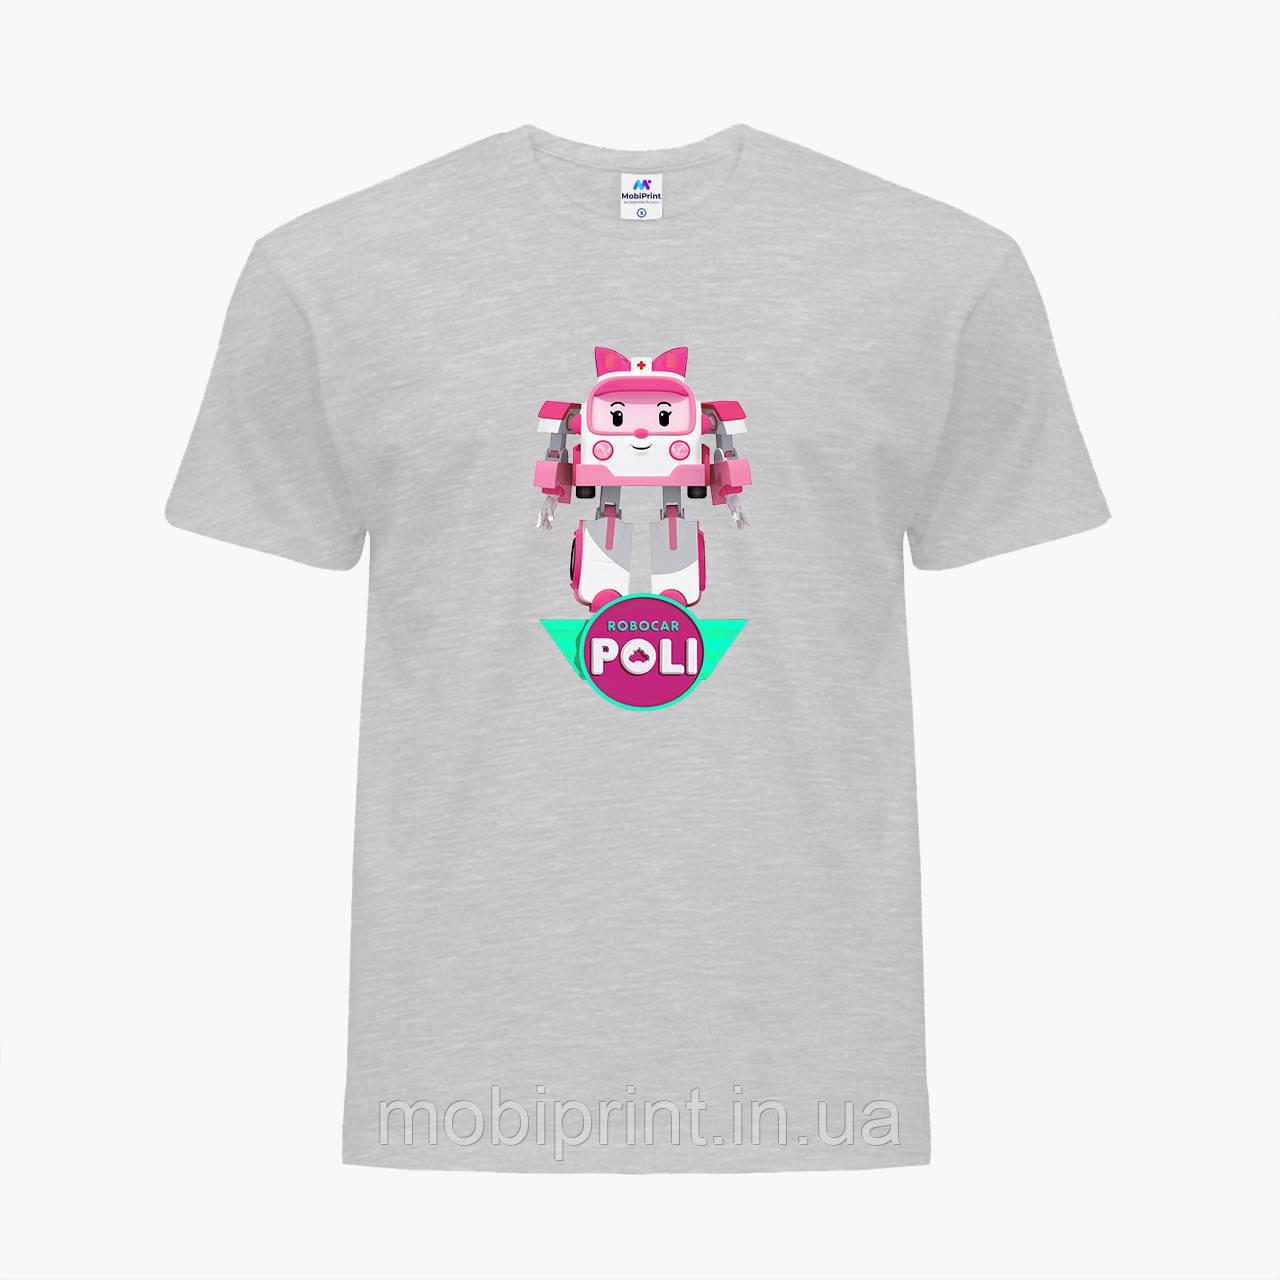 Детская футболка для девочек Робокар Поли (Robocar Poli) (25186-1621) Светло-серый